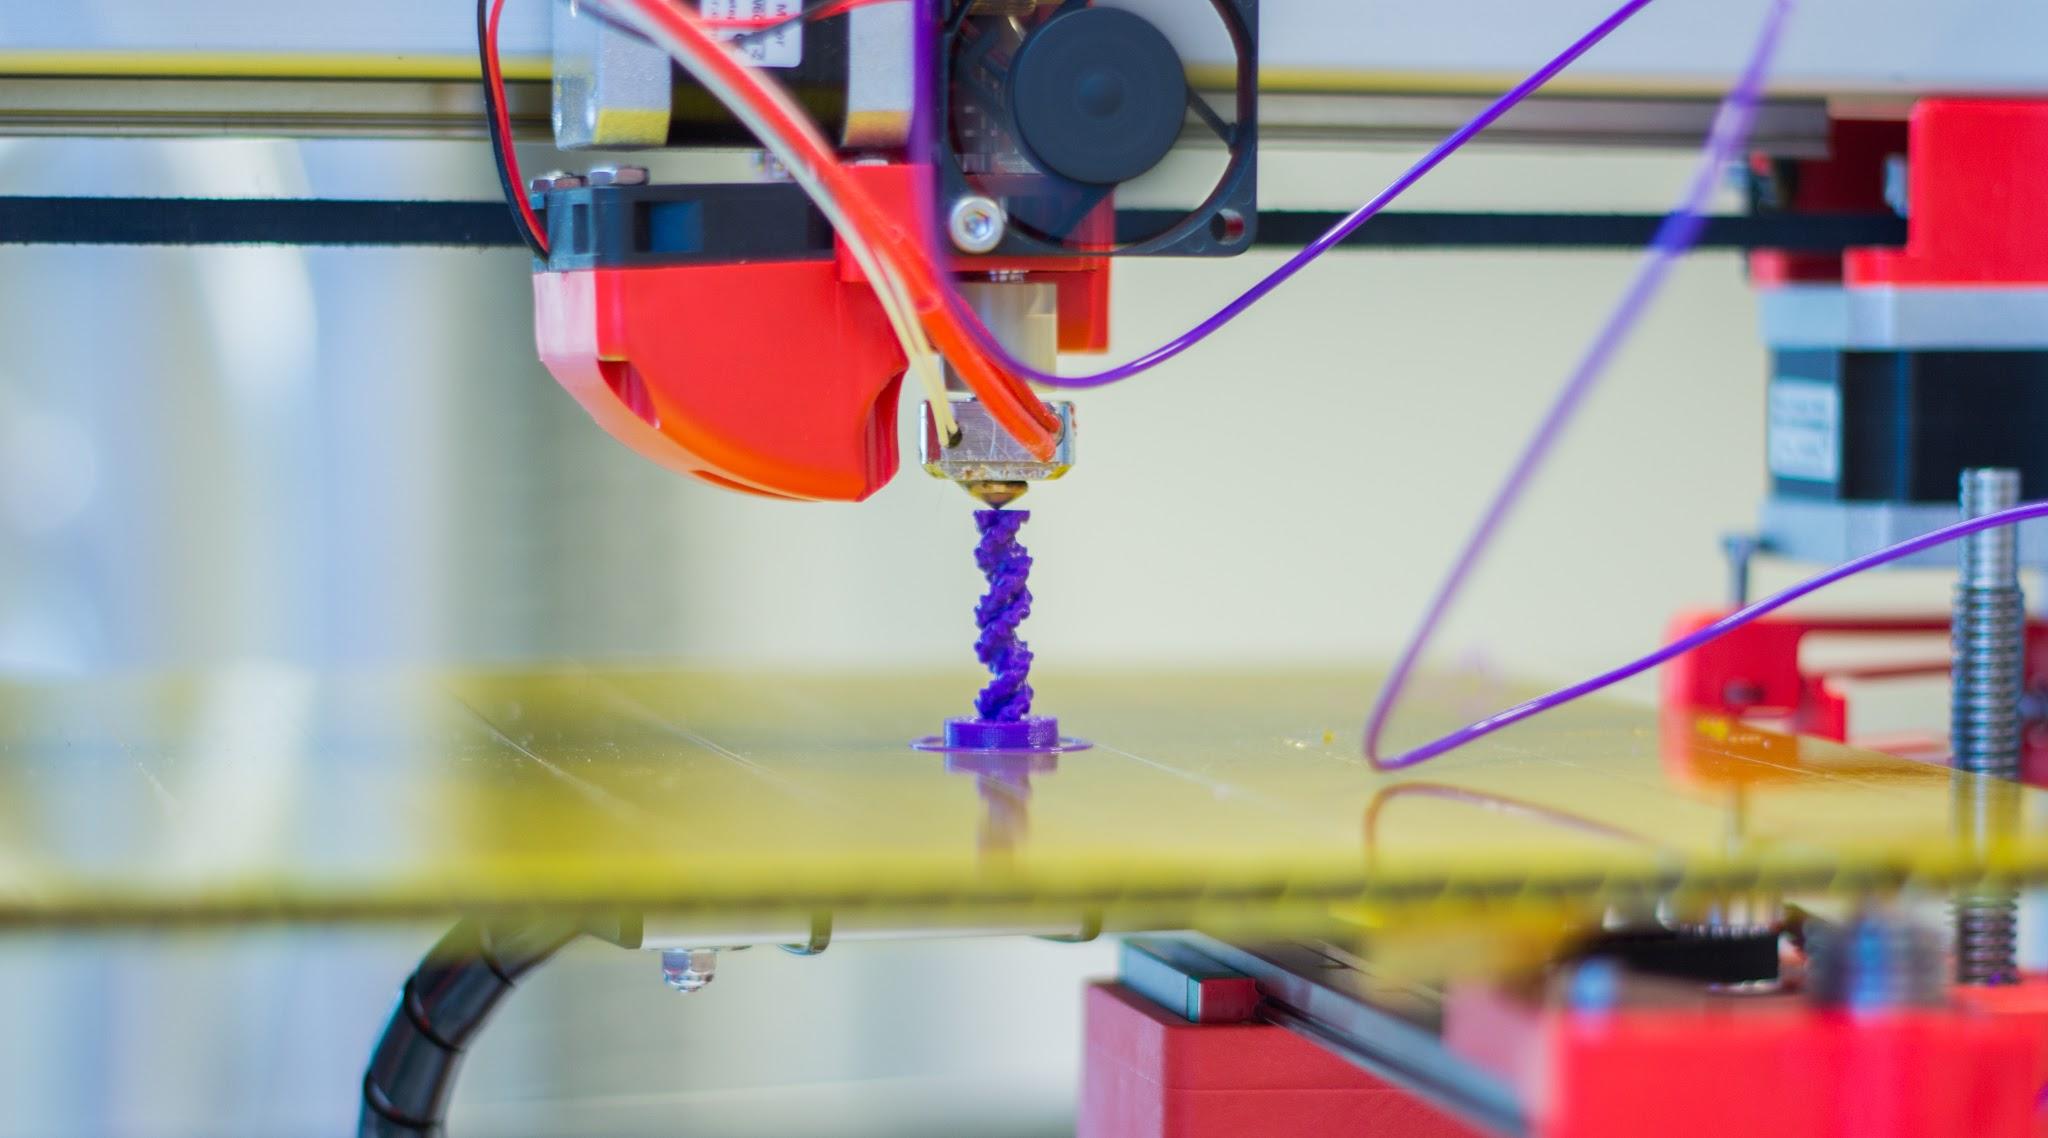 Már gyógyszer is készülhet 3D nyomtatóval